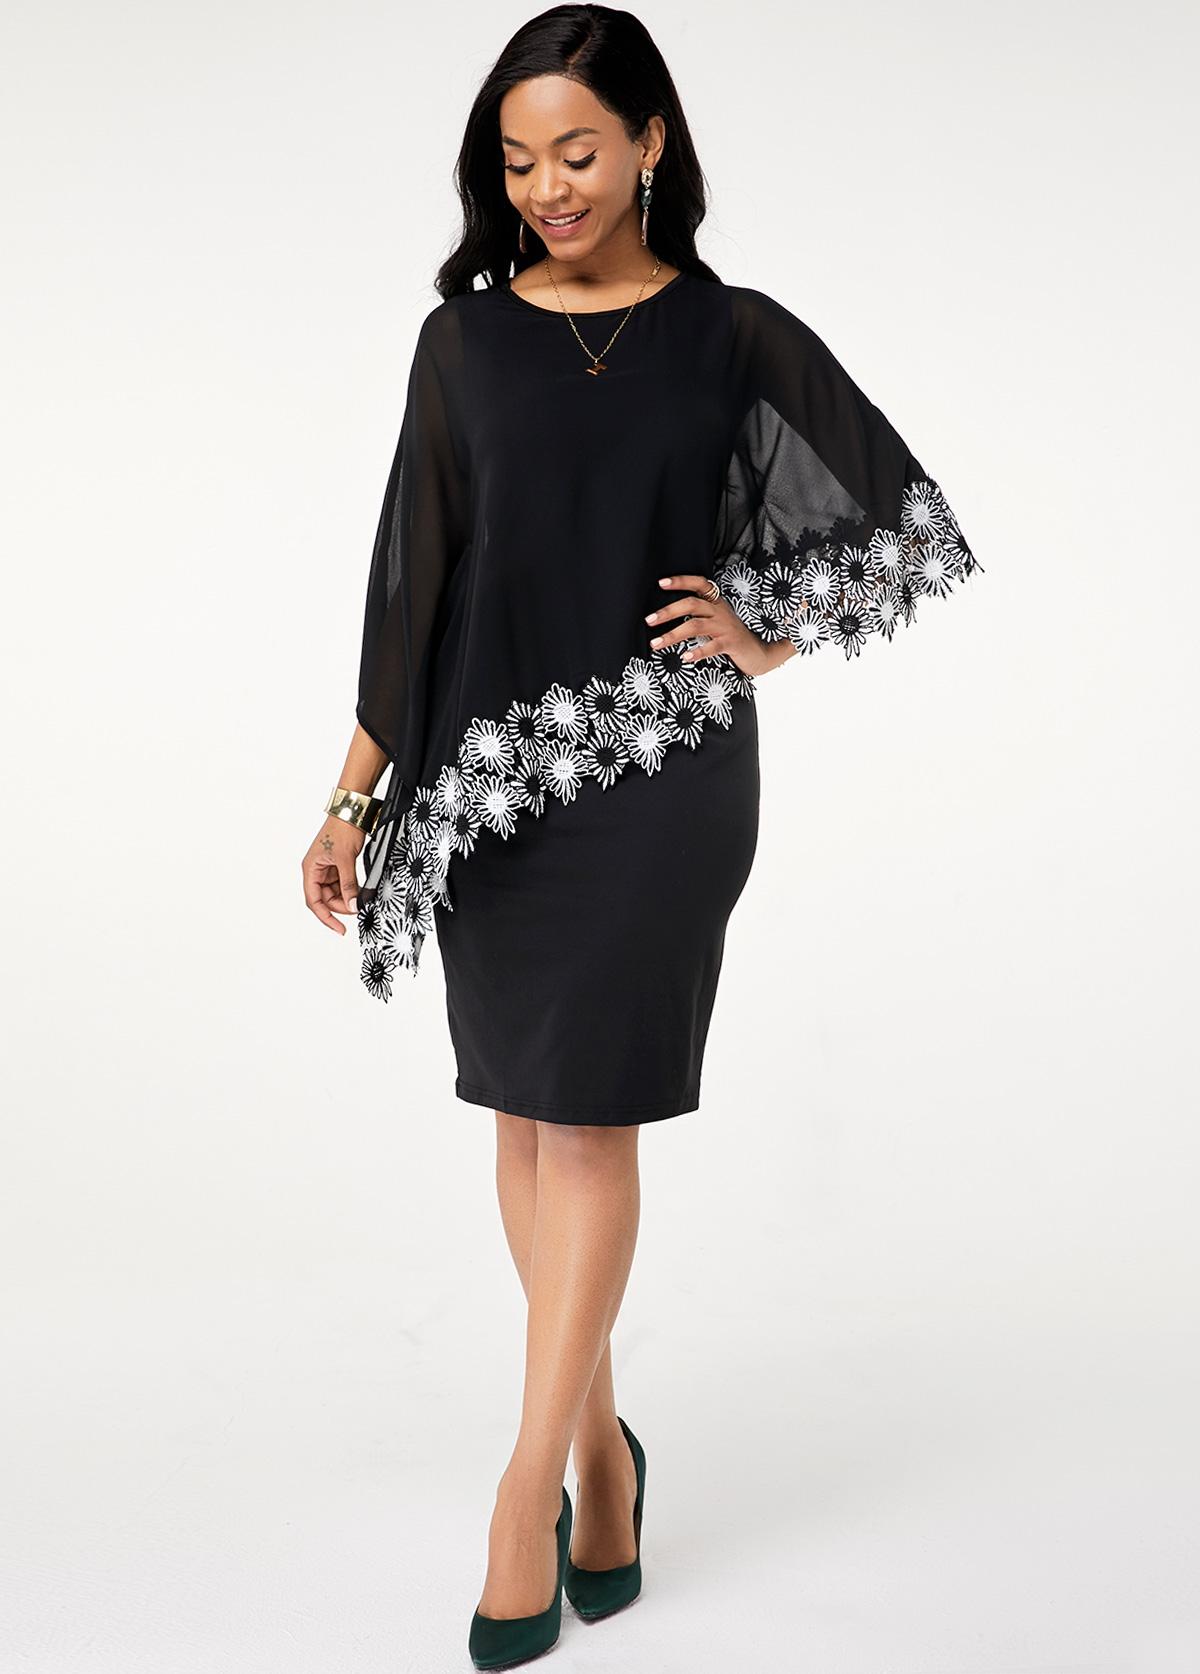 Round Neck Batwing Sleeve Chiffon Dress